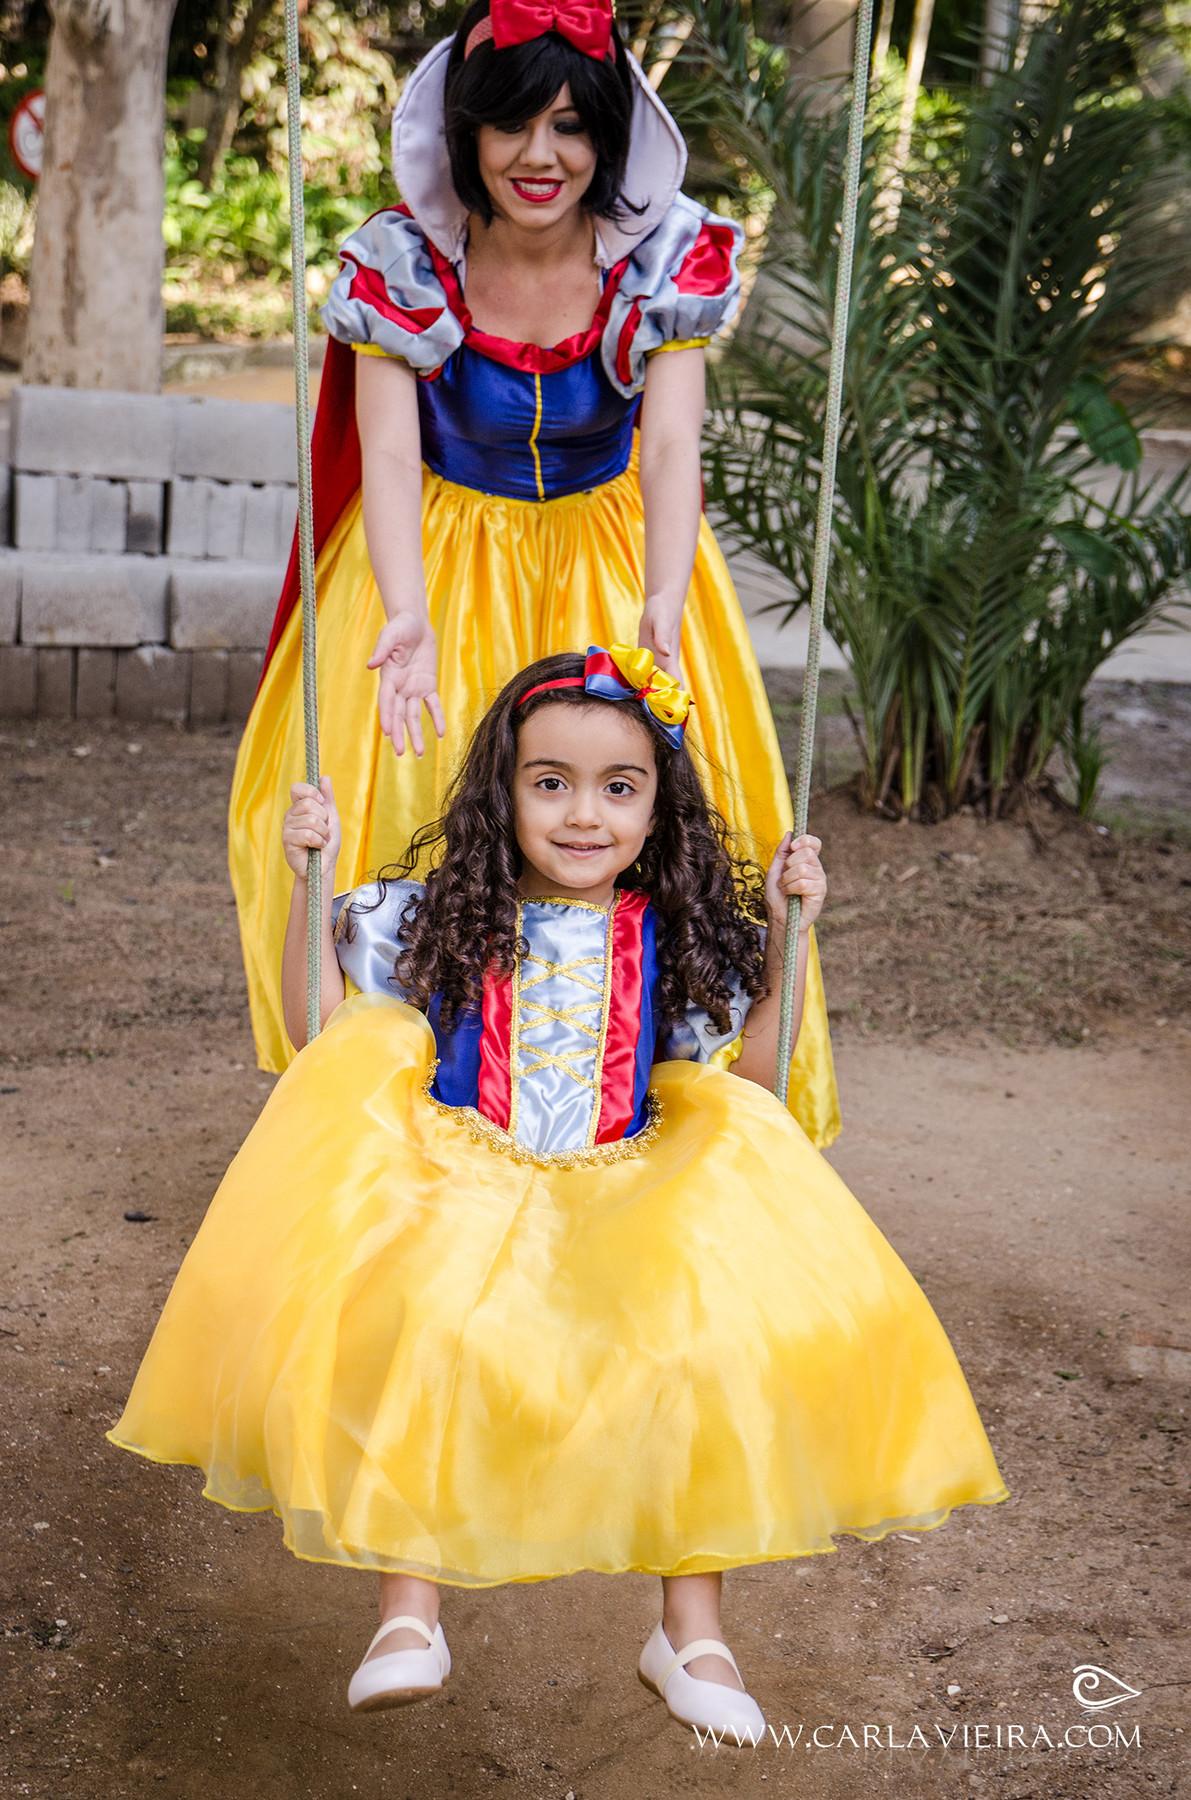 Festa Infantil; piquenique; festa no parque; Branca de Neve; Carla Vieira Fotografia